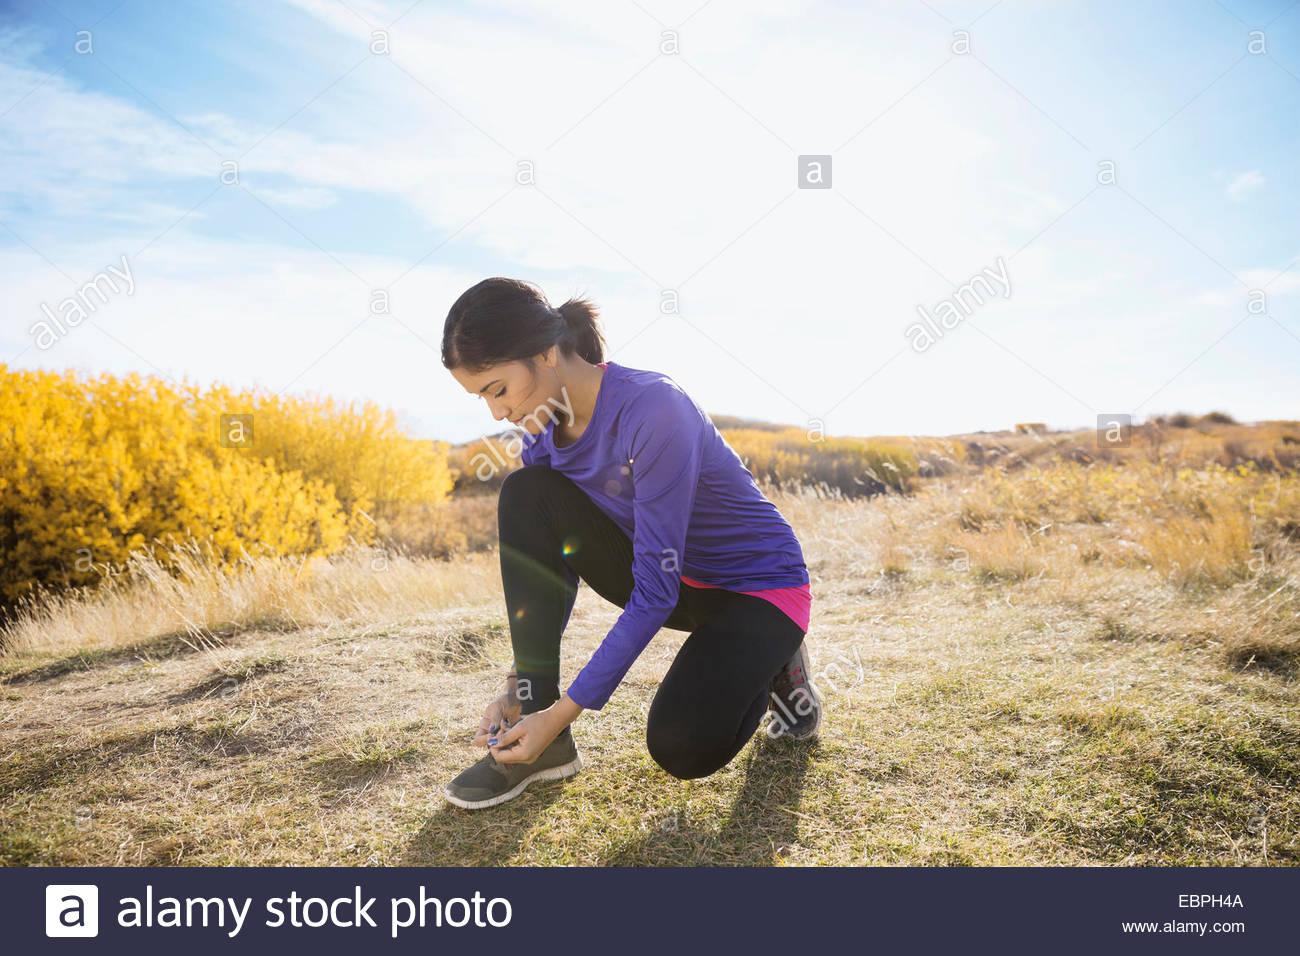 Runner zapata atado en el soleado campo rural Imagen De Stock